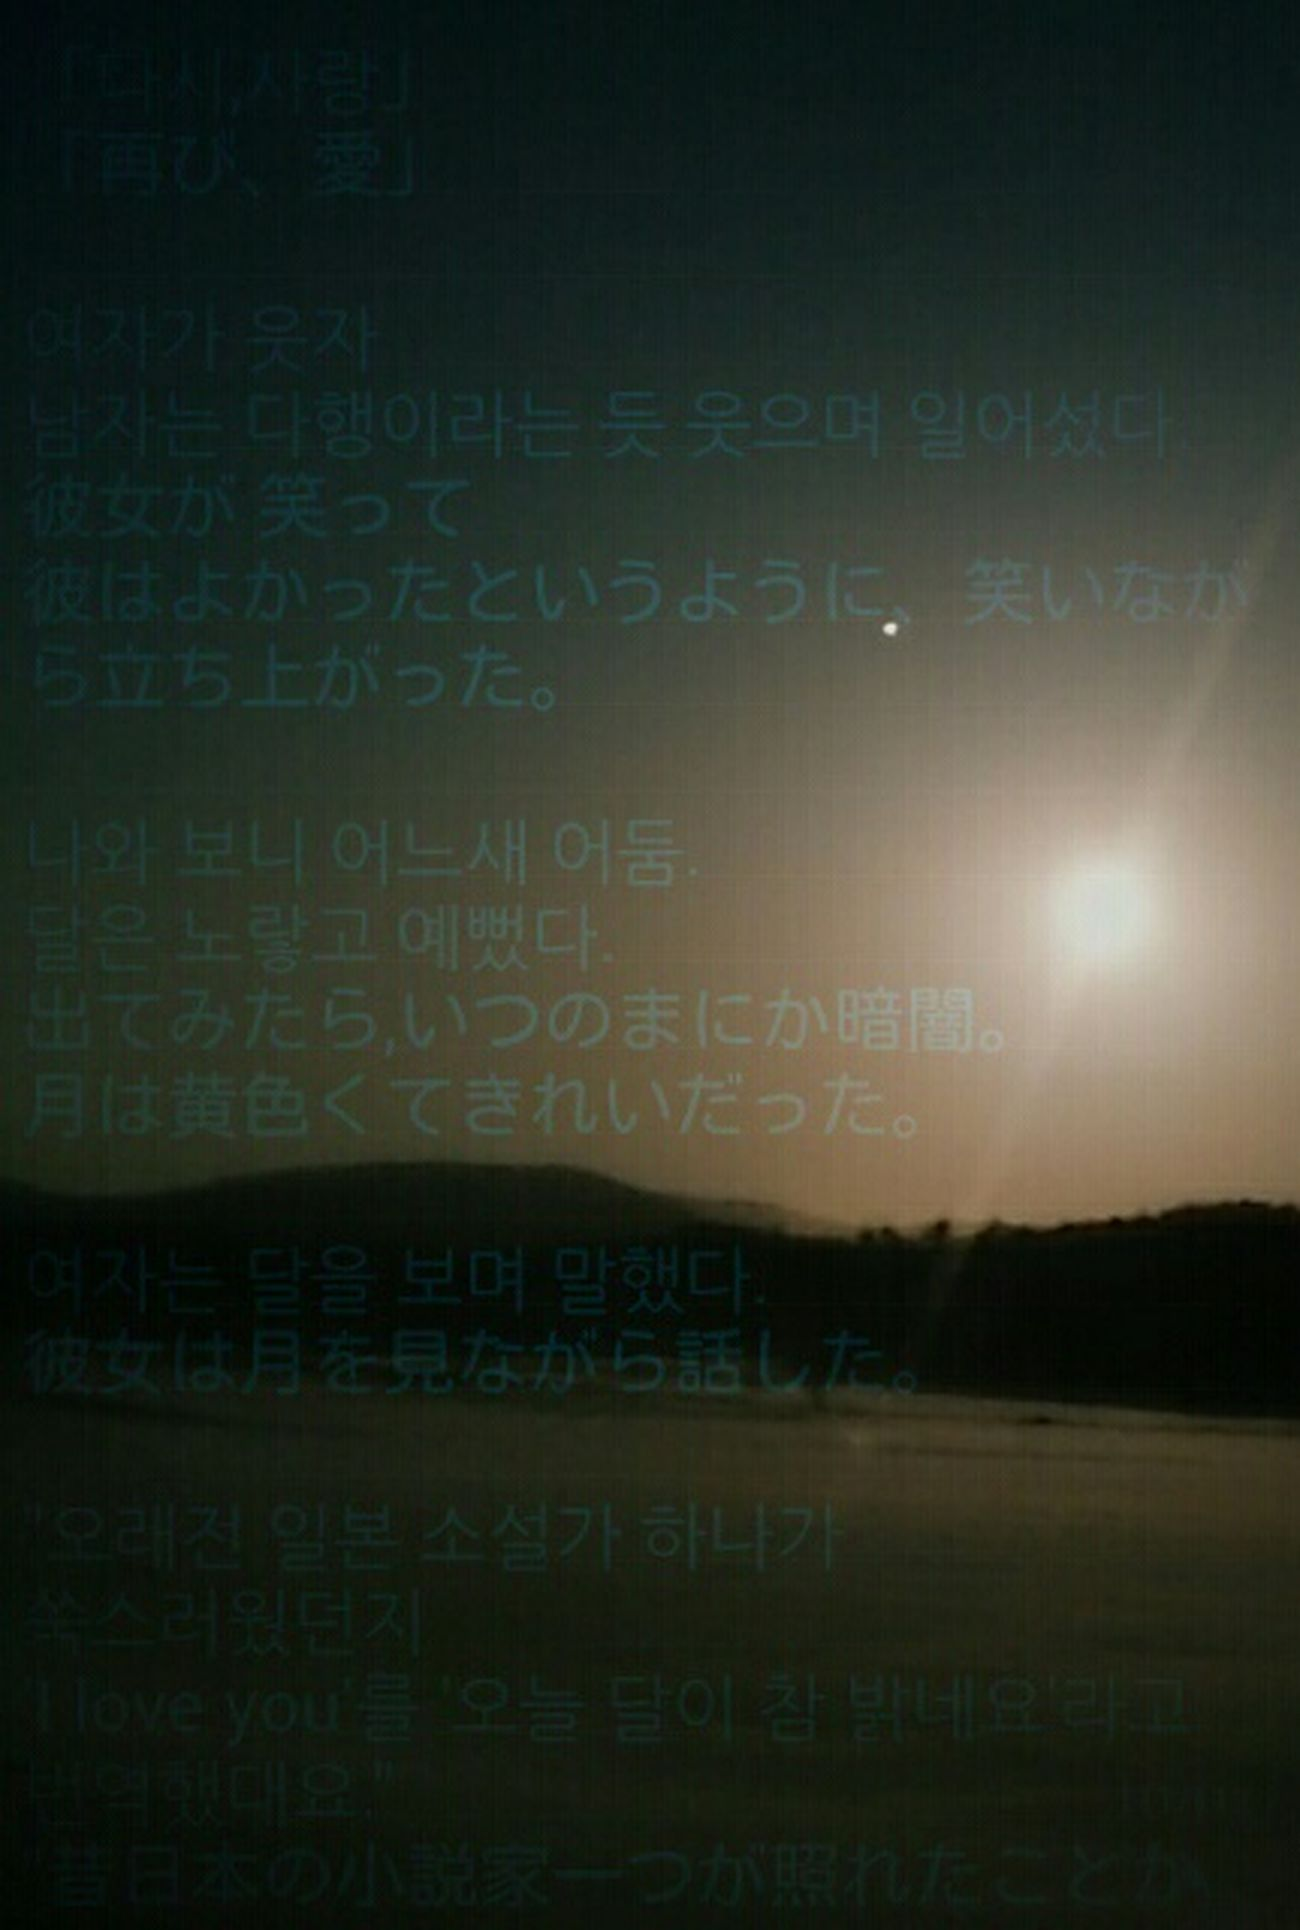 「다시,사랑」「再び、愛」月が綺麗ですね! I Love You 夏目漱石